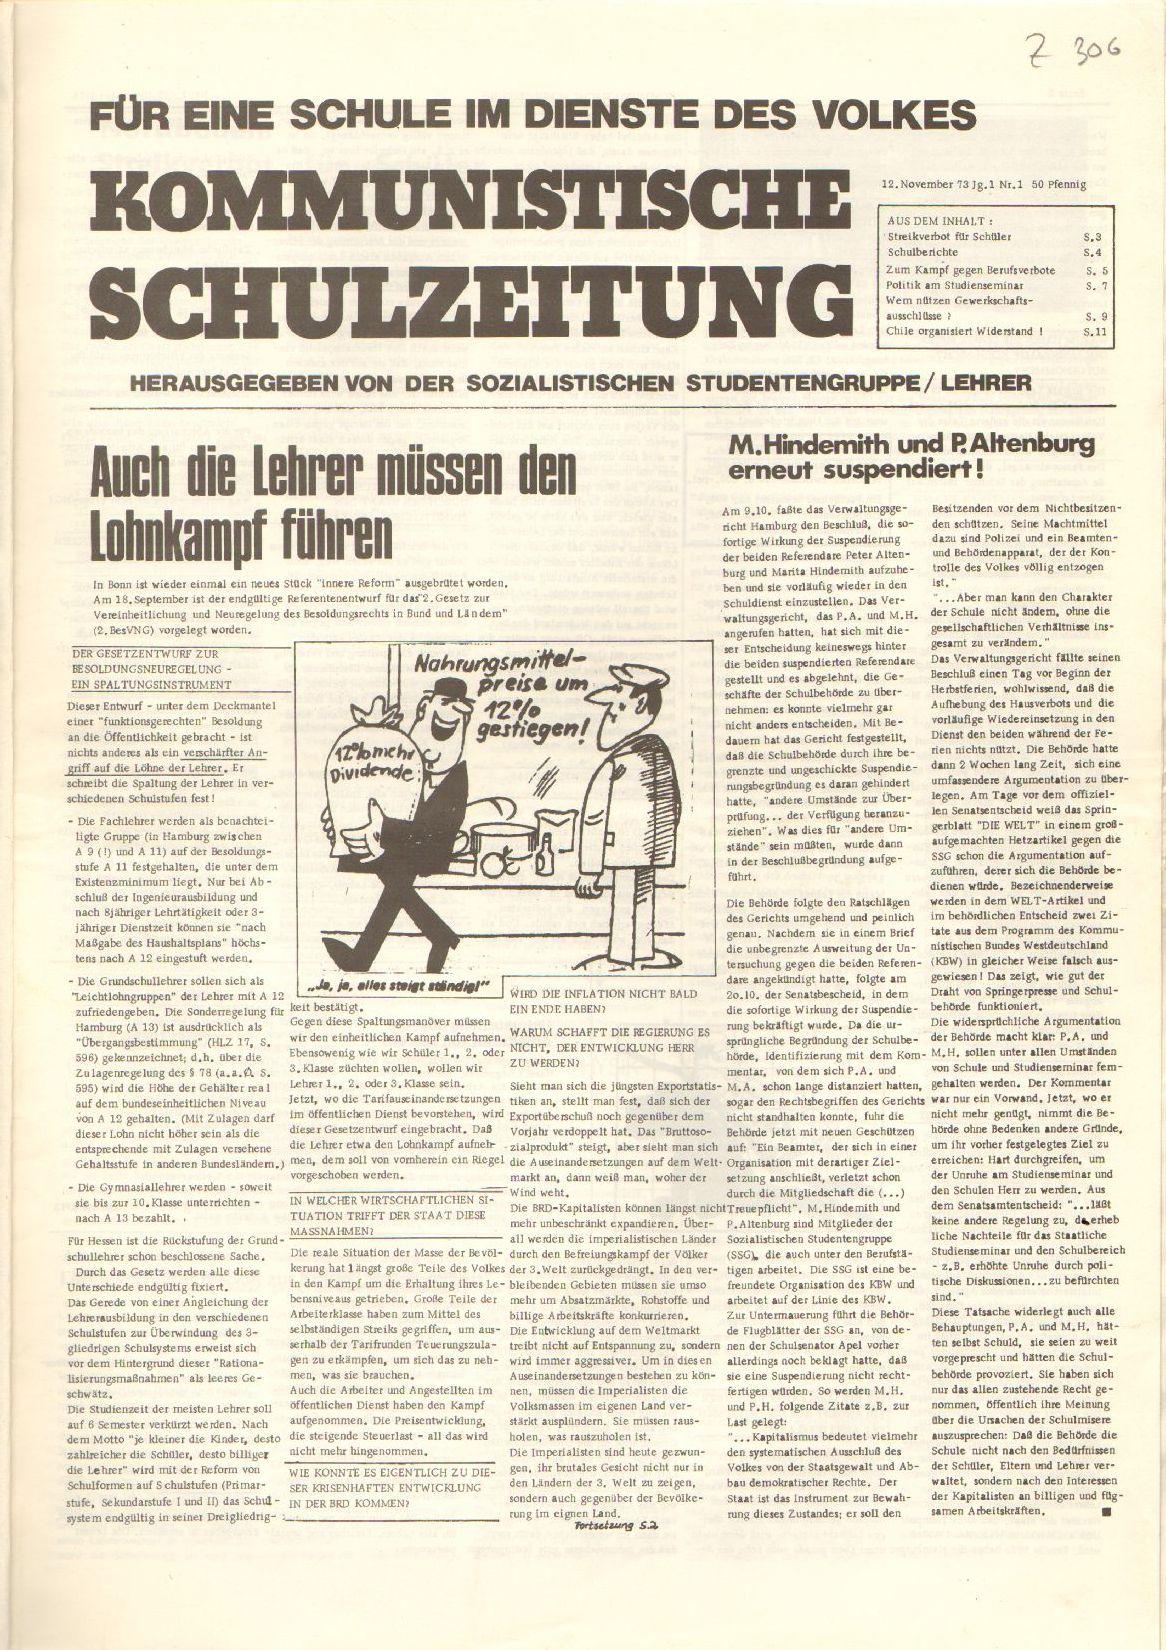 Kommunistische_Schulzeitung001